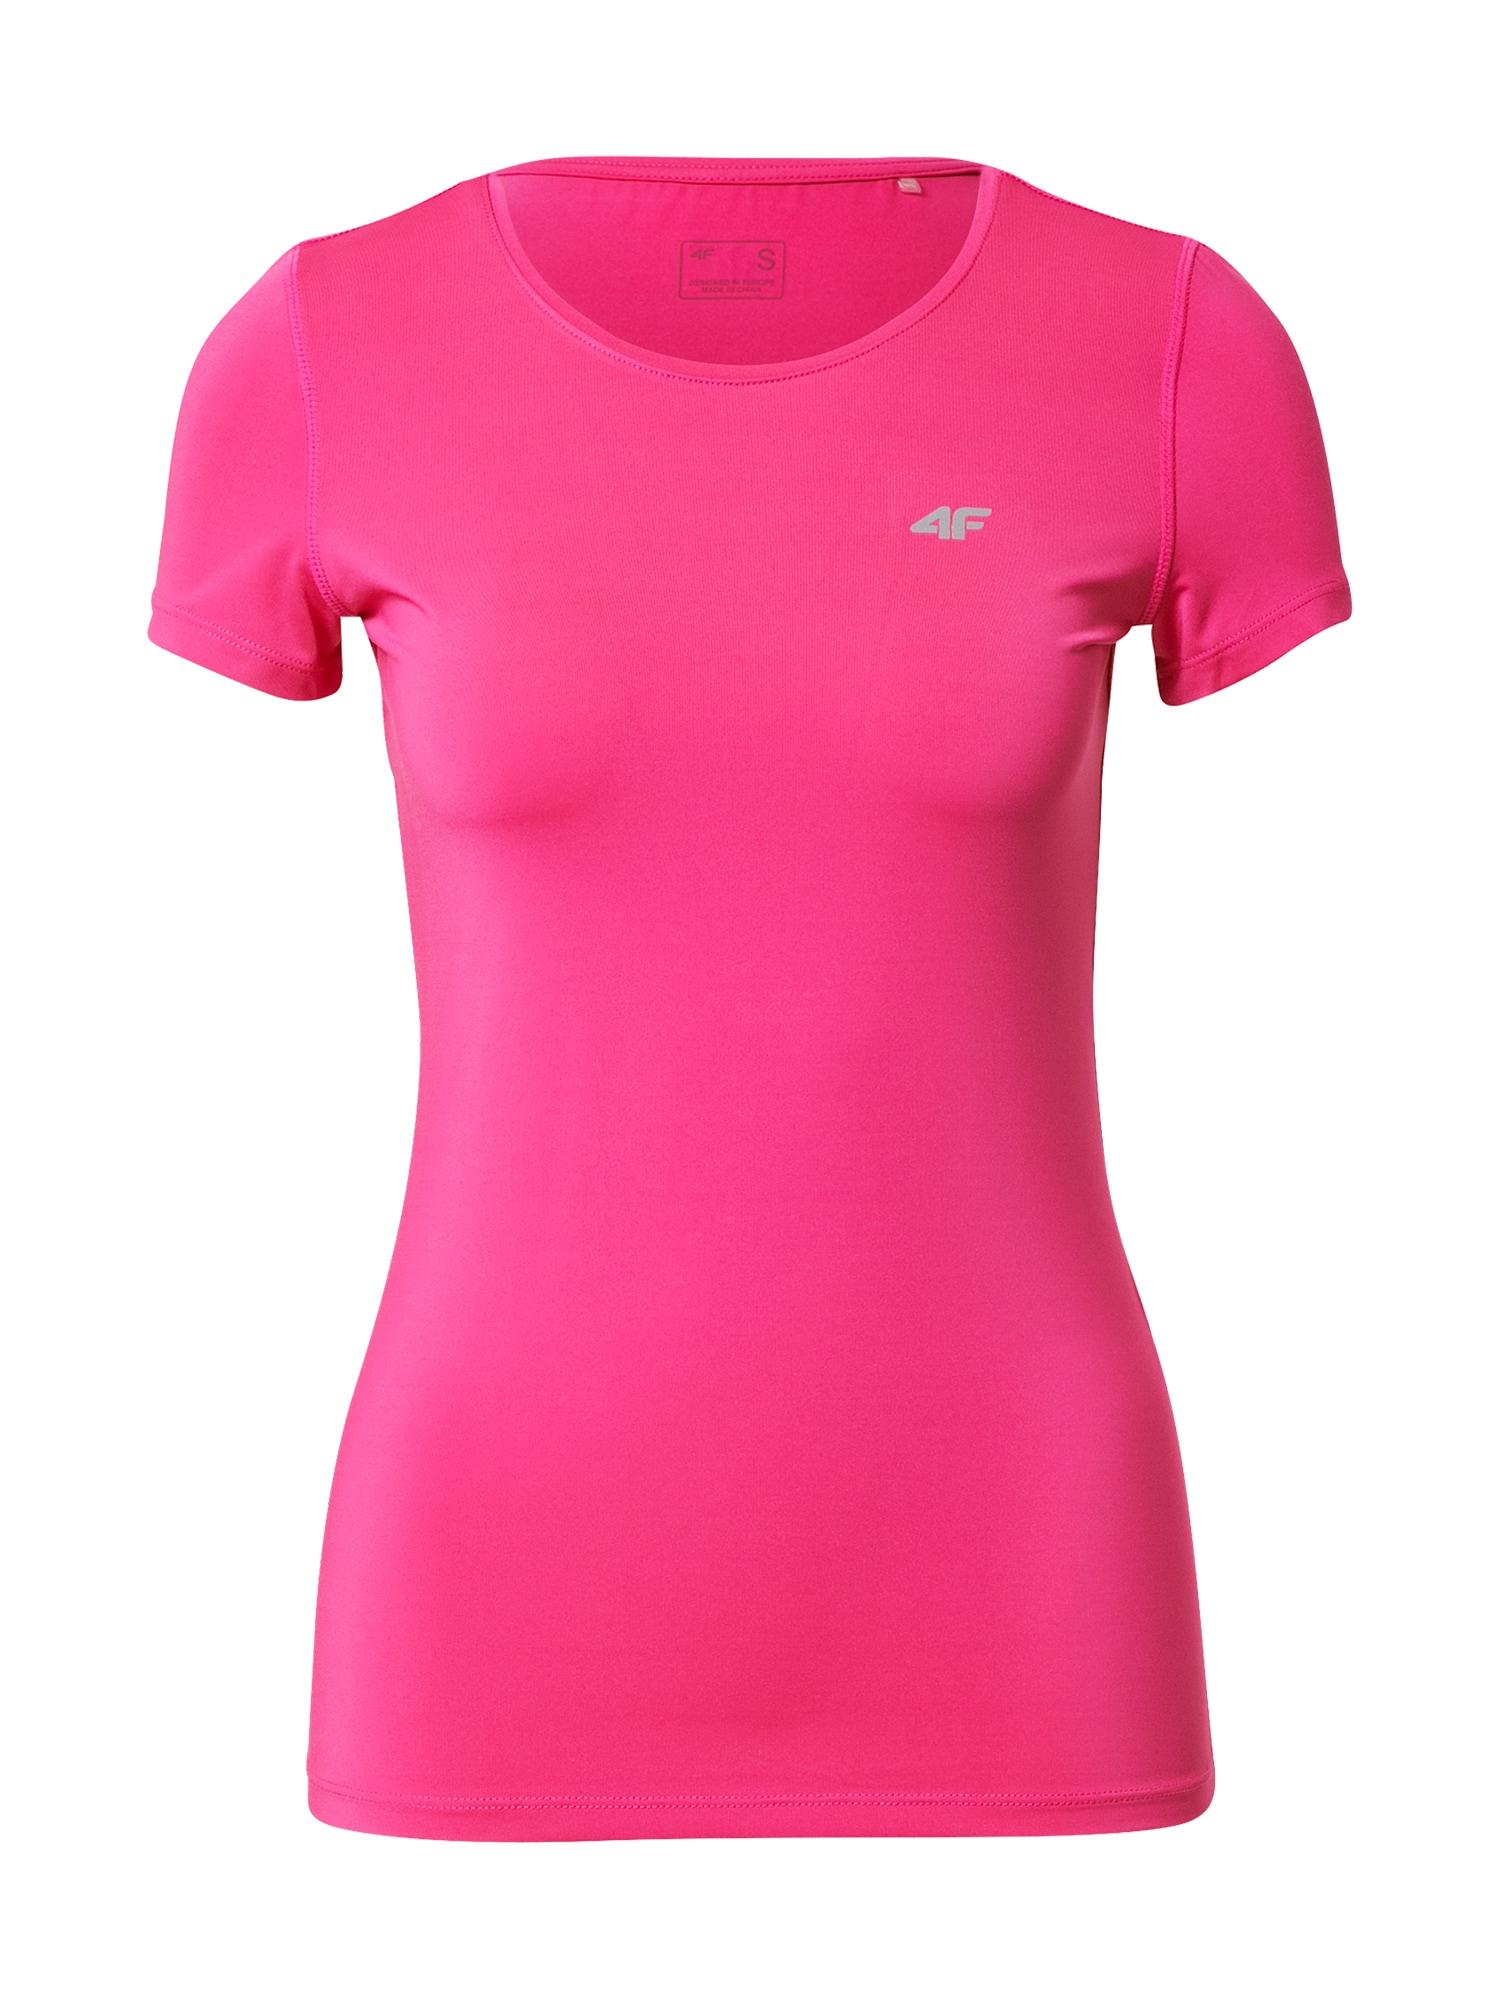 4F Sportiniai marškinėliai rožinė